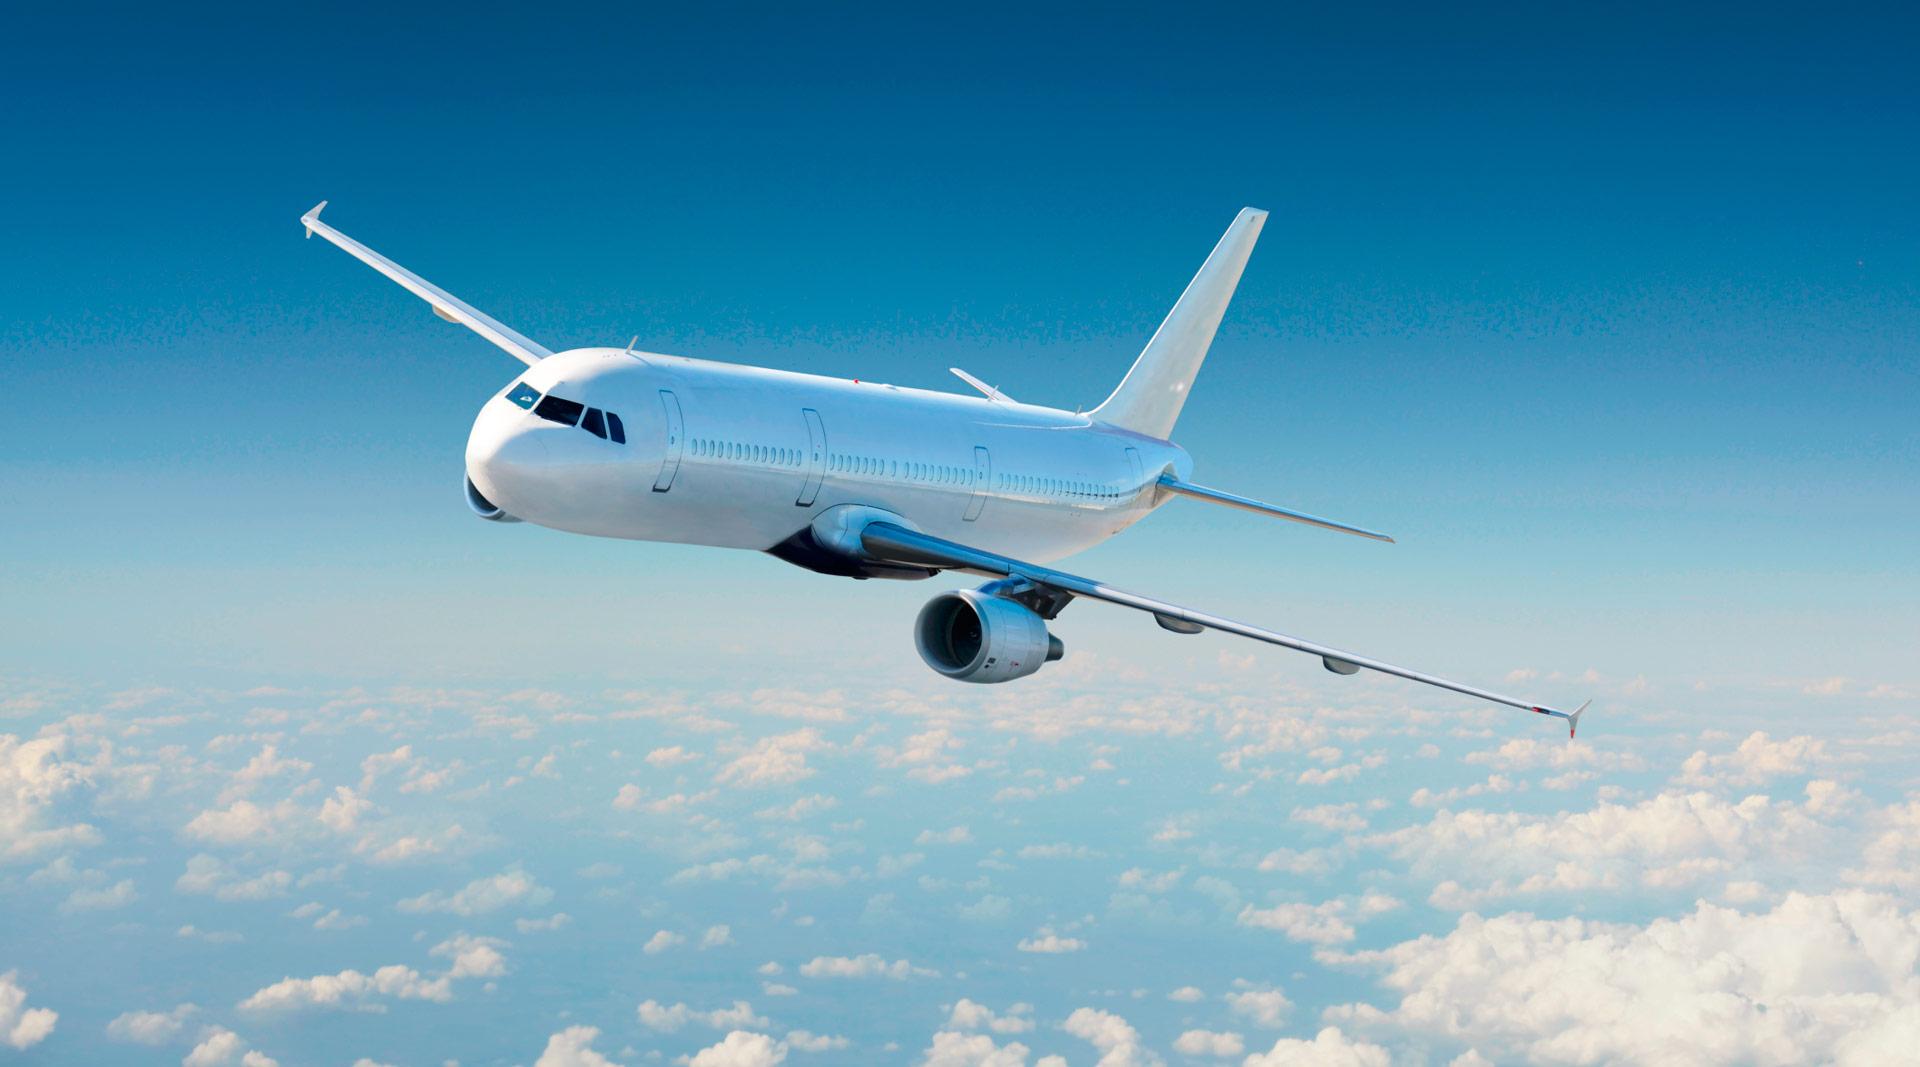 Havayolları Fly - büyük umutları ile genç bir havayolu